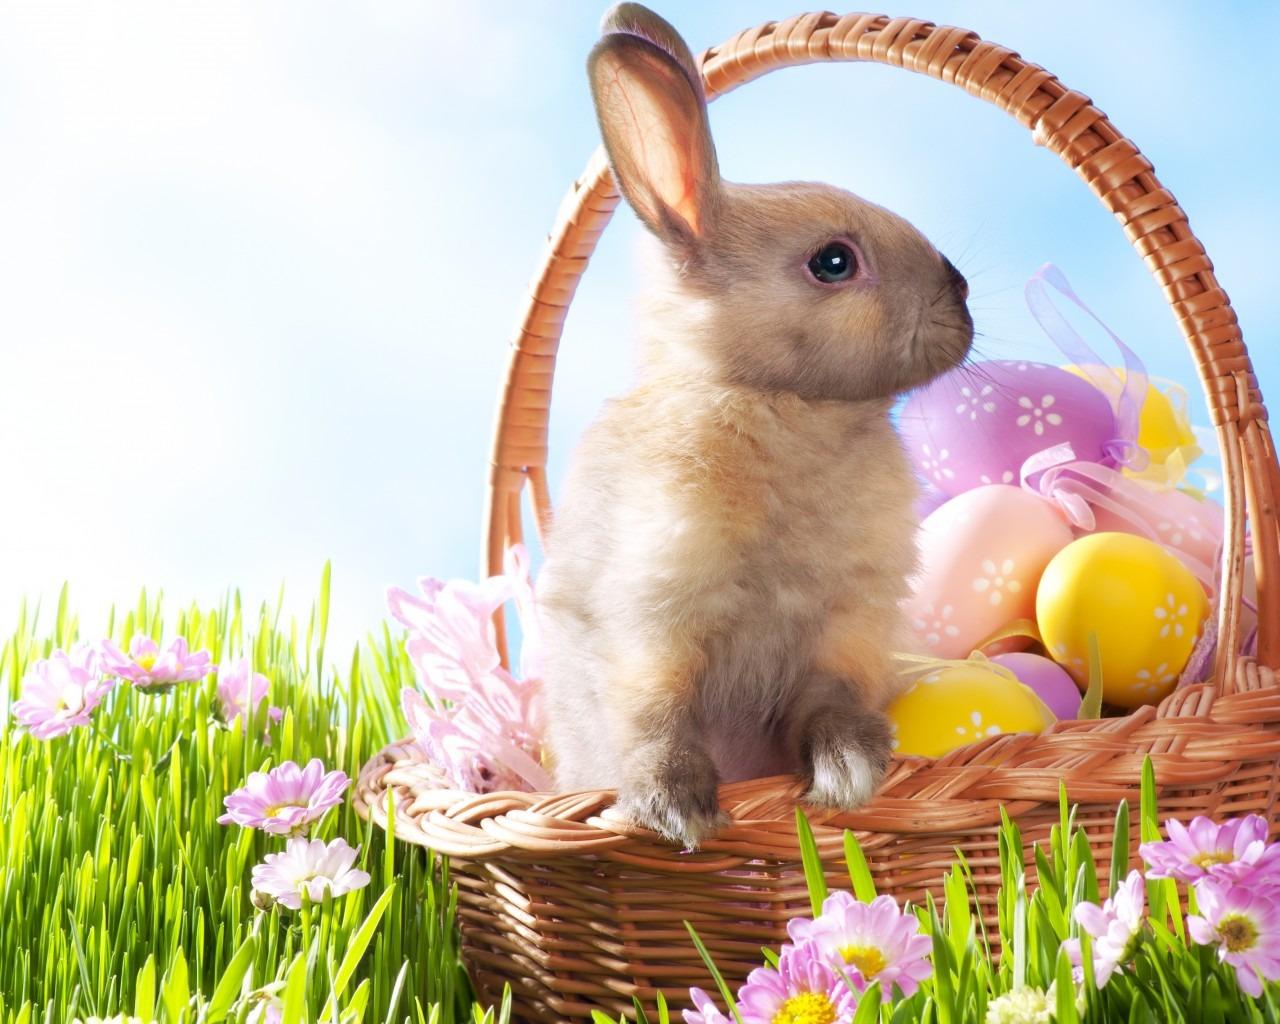 Microsoft easter wallpaper wallpapersafari - Easter bunny wallpaper ...